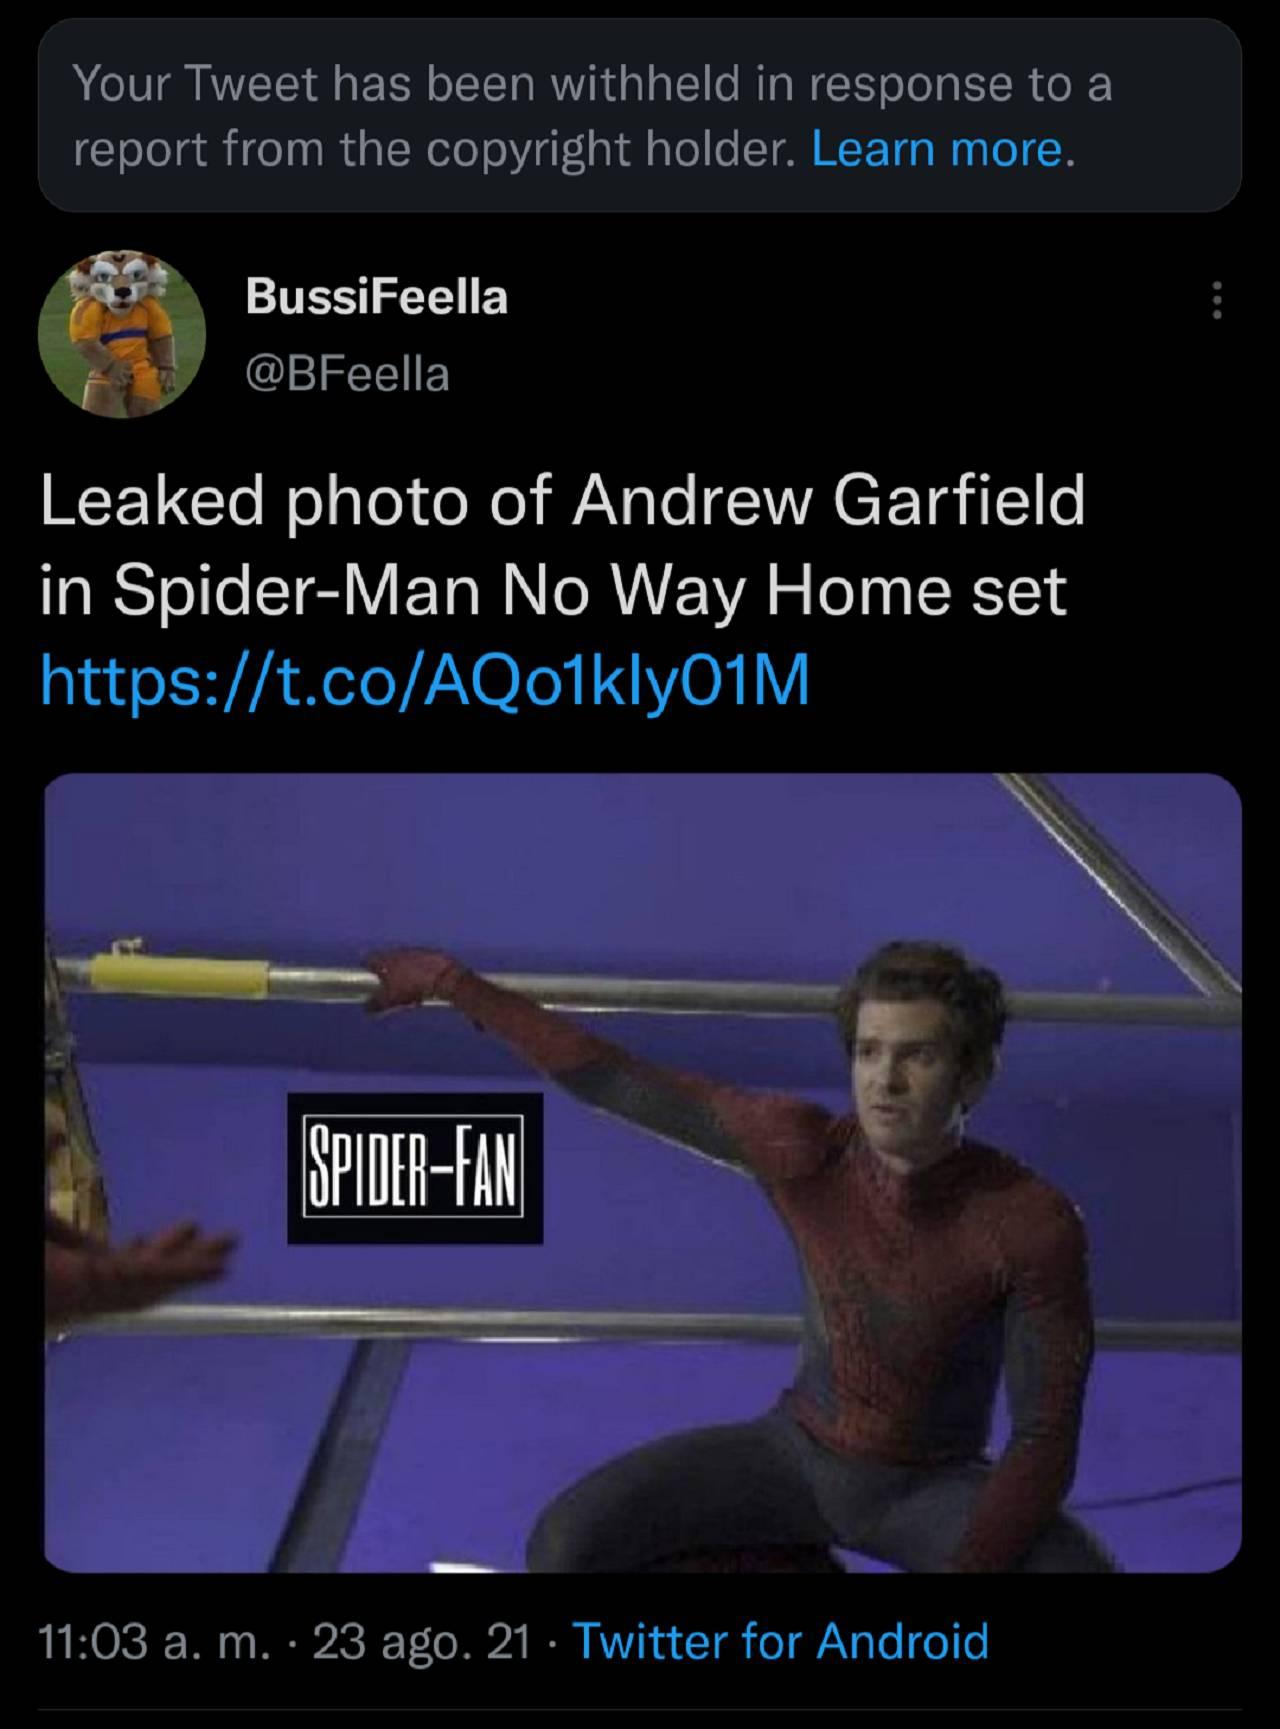 Andrew Garfield The Amazing Spider-Man Spider-Man 3 Spider-Man No Way Home